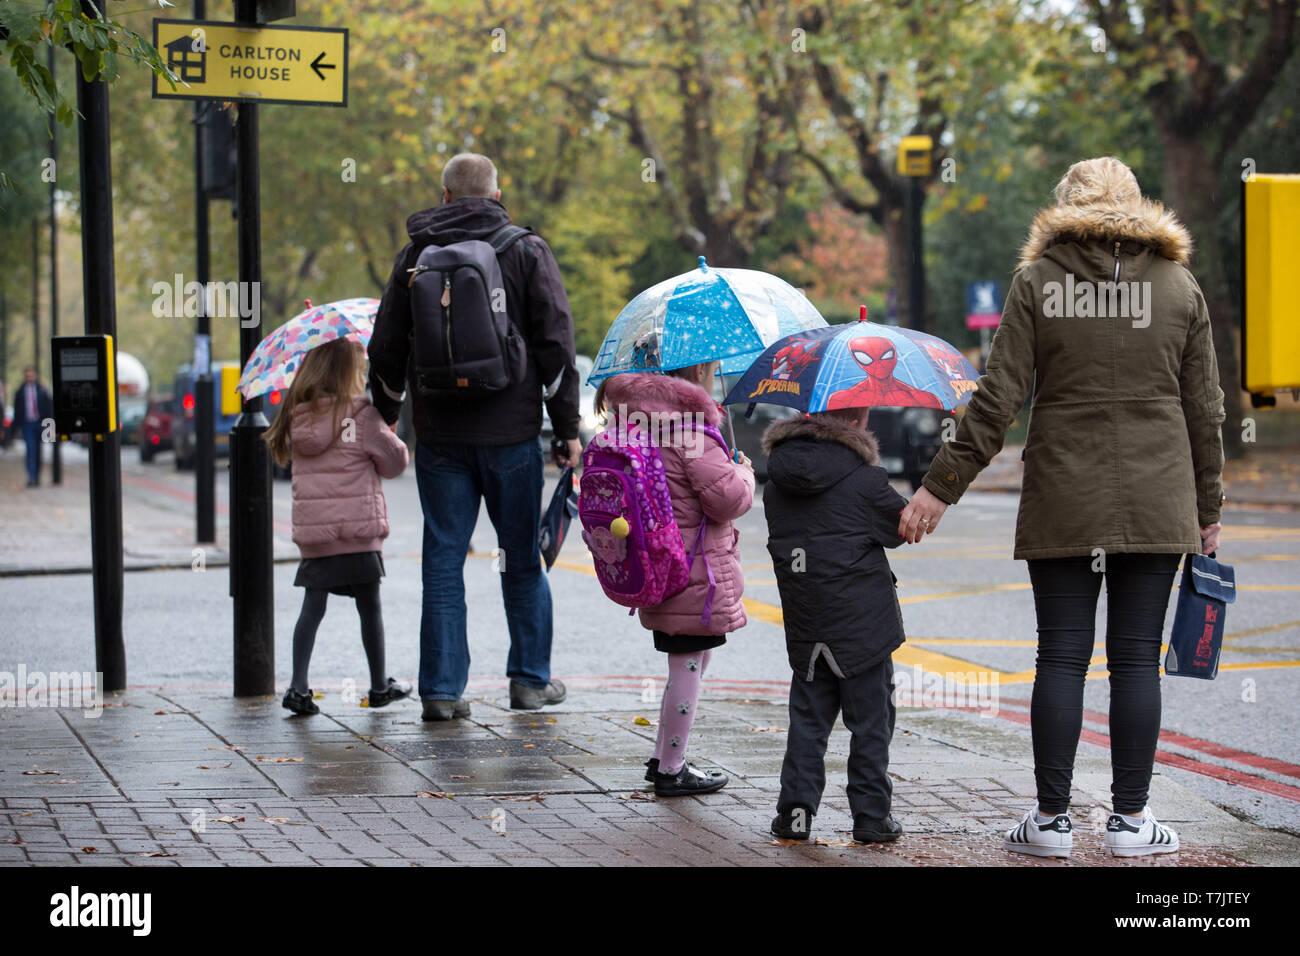 Kinder gehen mit ihren Eltern in den Regen halten Regenschirme in Wandsworth, London zur Schule Stockbild